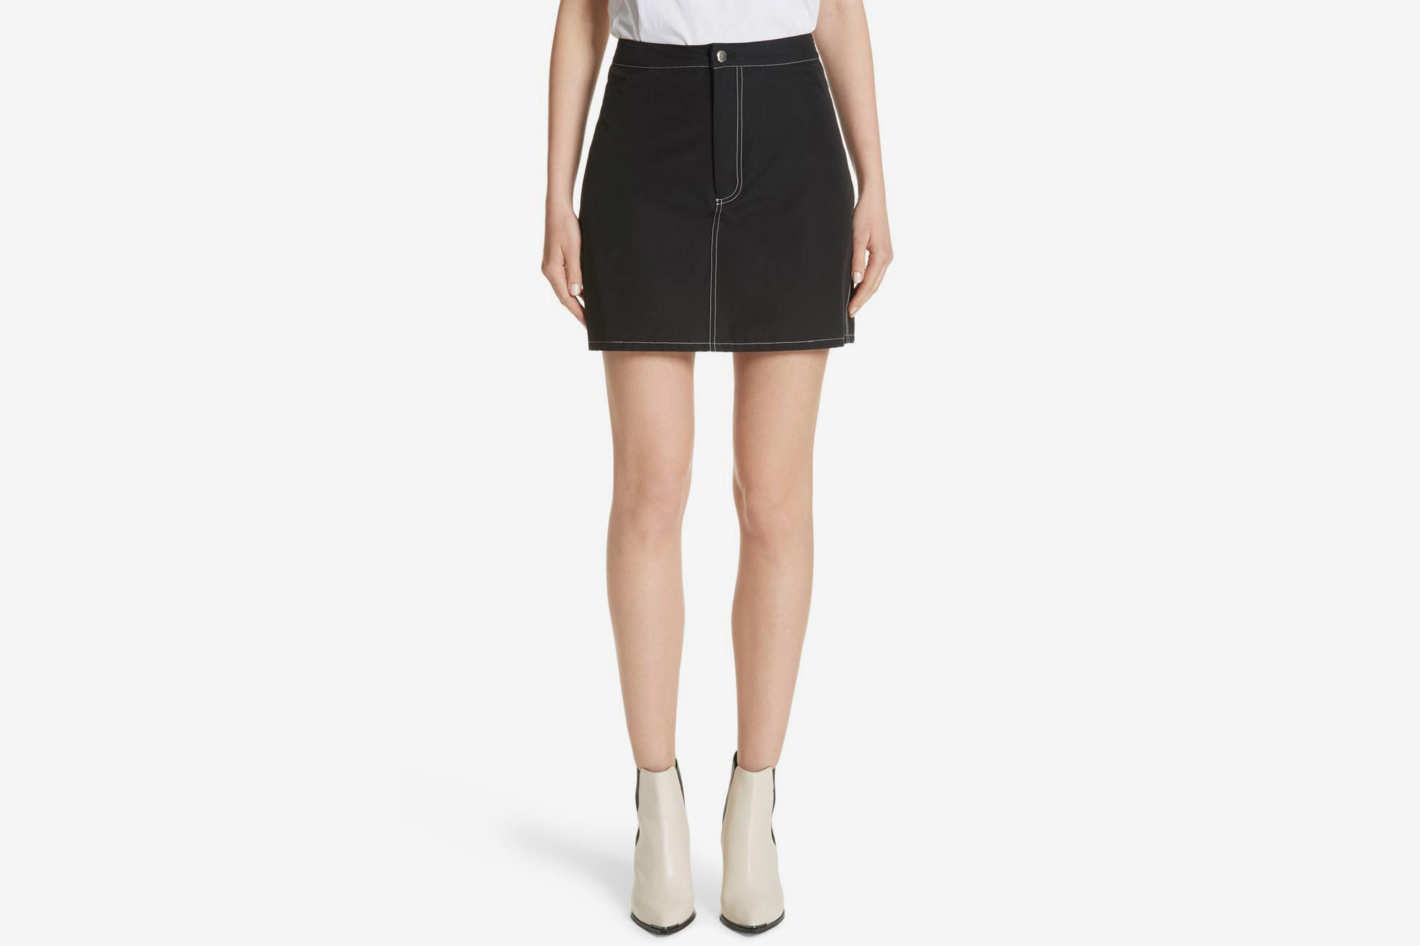 Eckhaus Latta High Waist Miniskirt